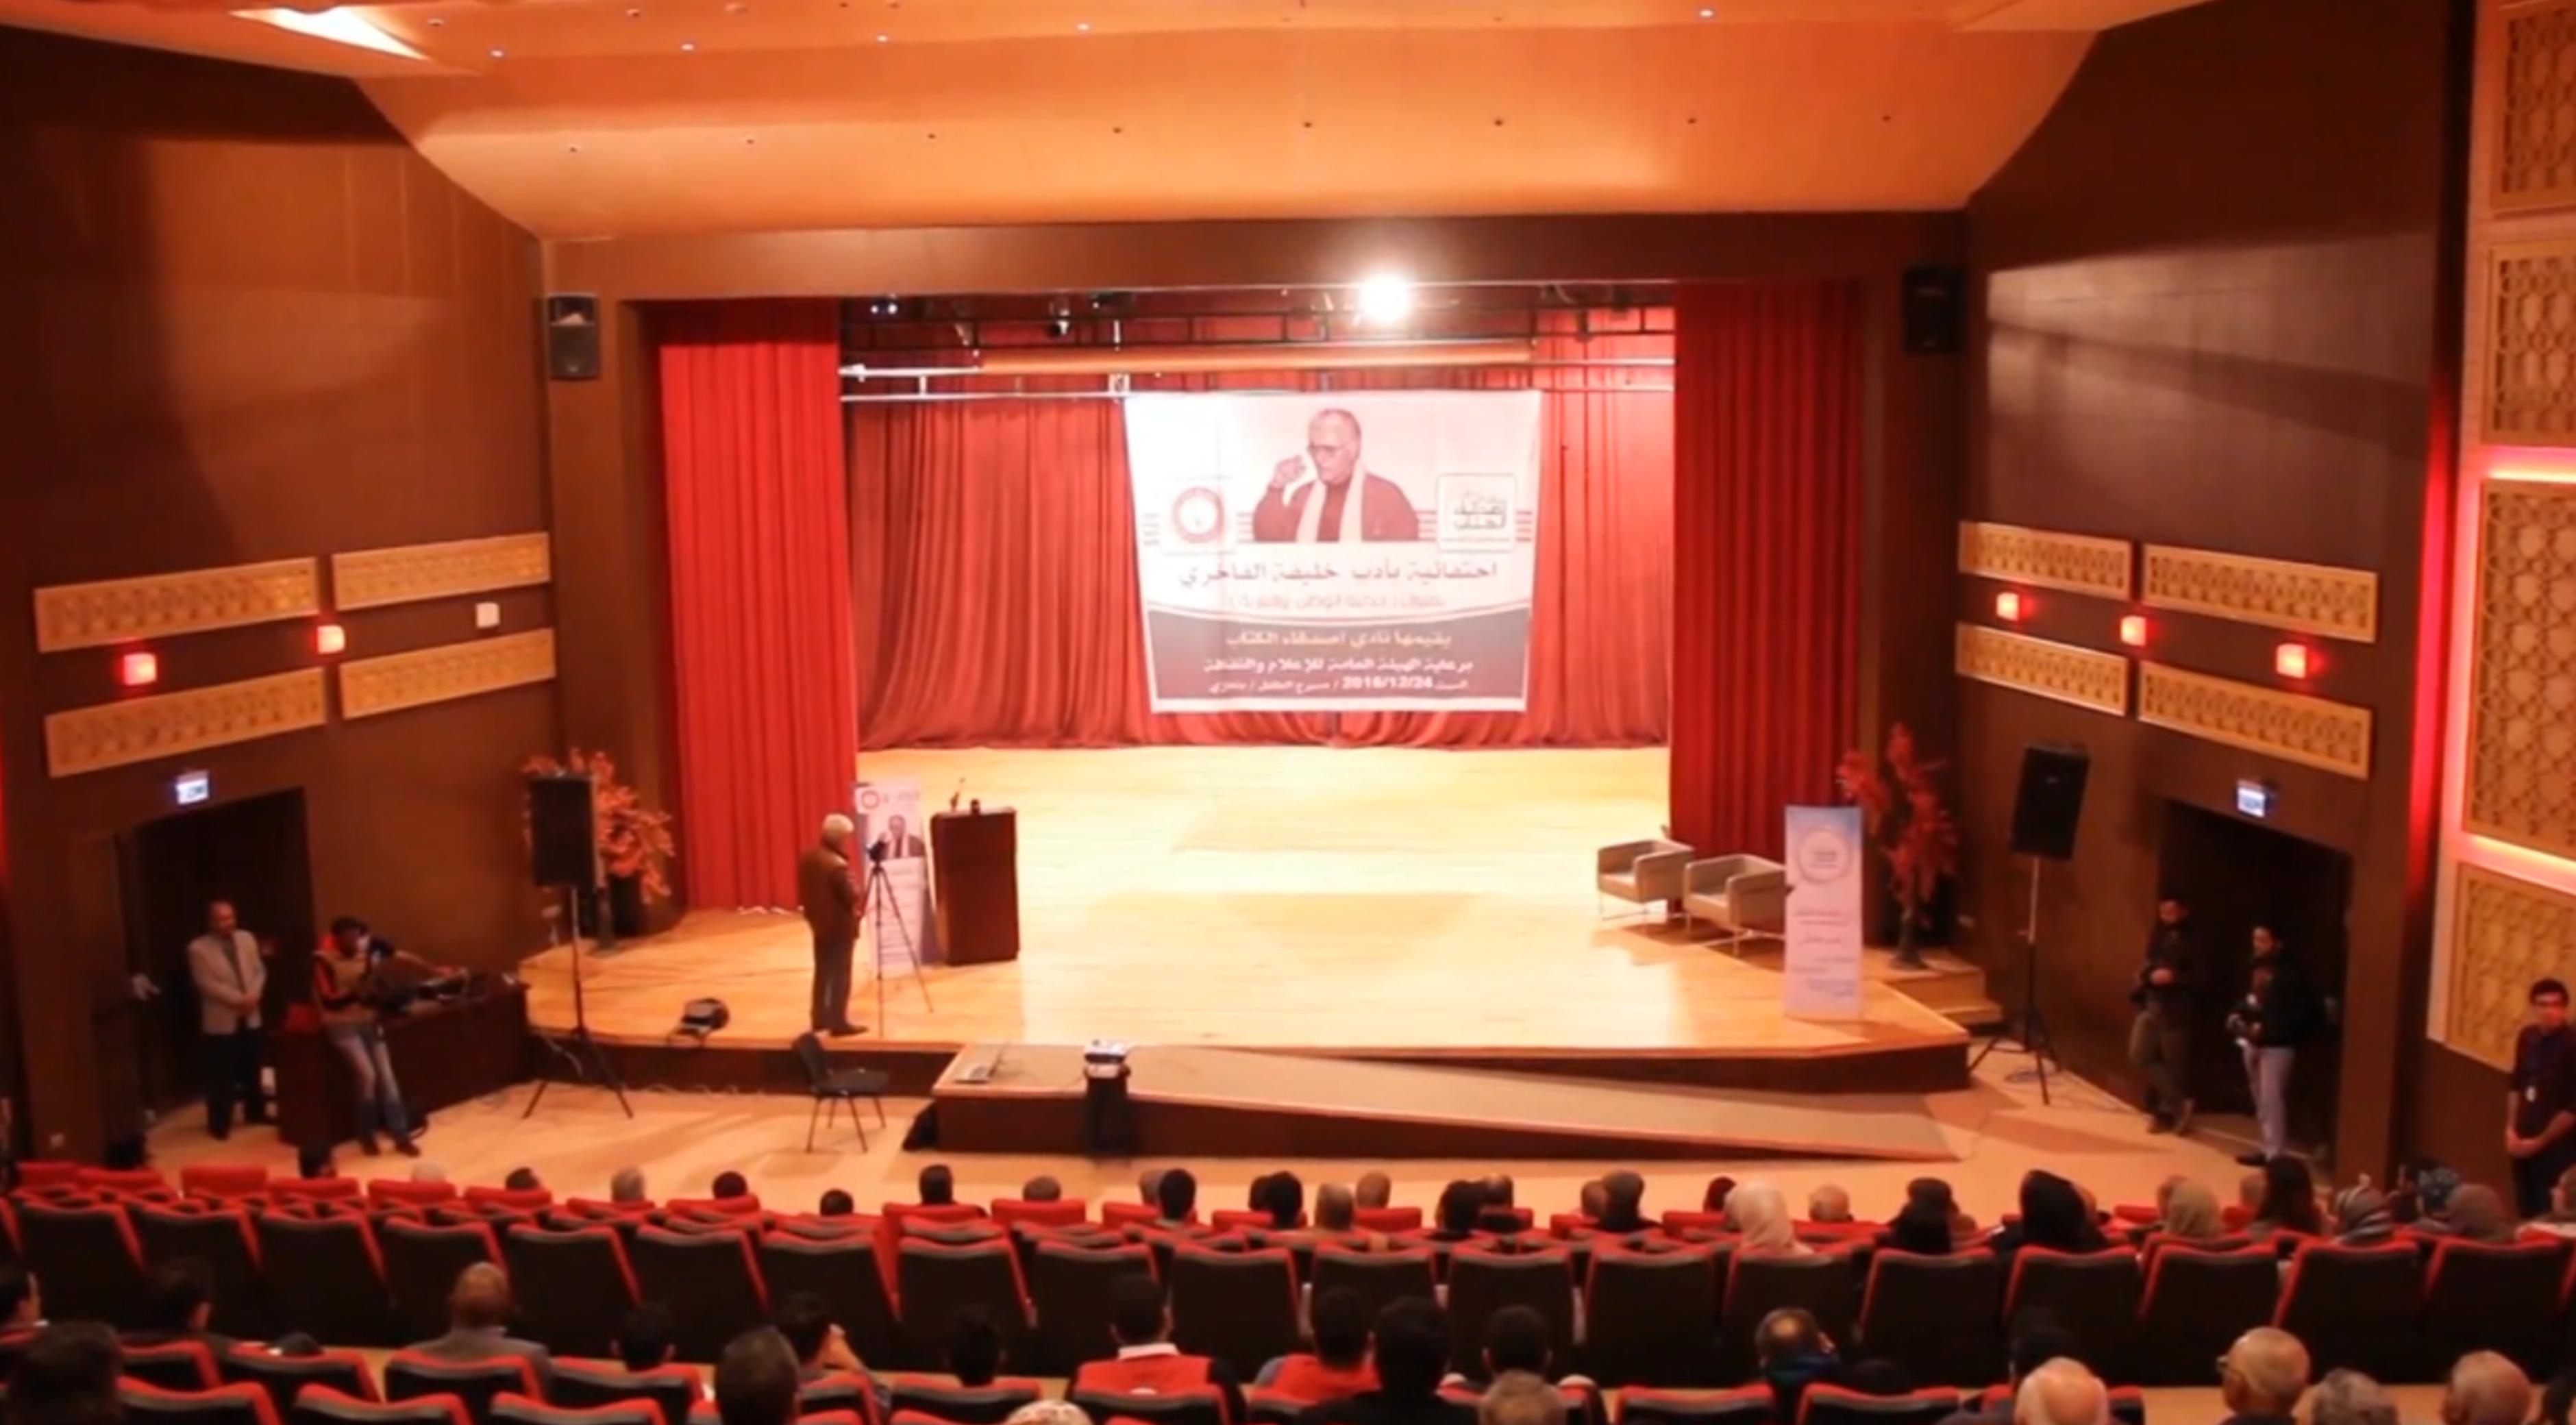 بنغازي تحتفي بالأديب الراحل خليفة الفاخري